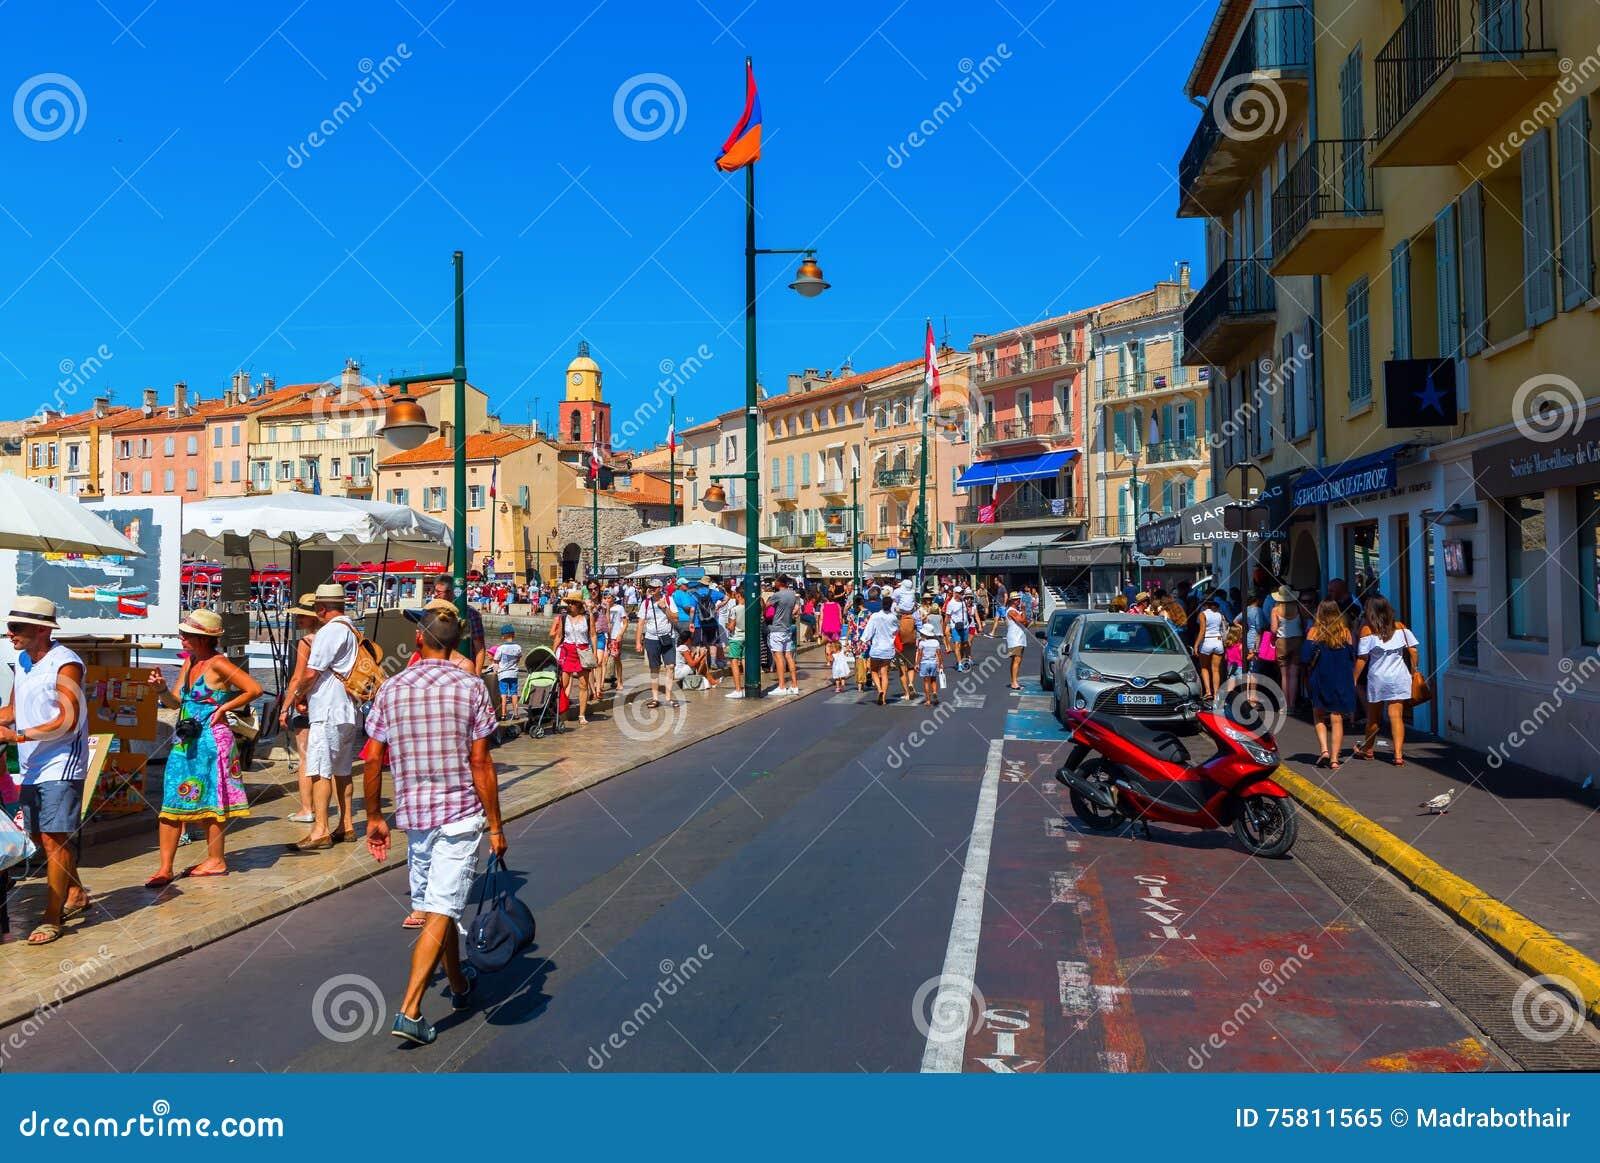 Ansicht in den Hafen von Saint Tropez, Frankreich